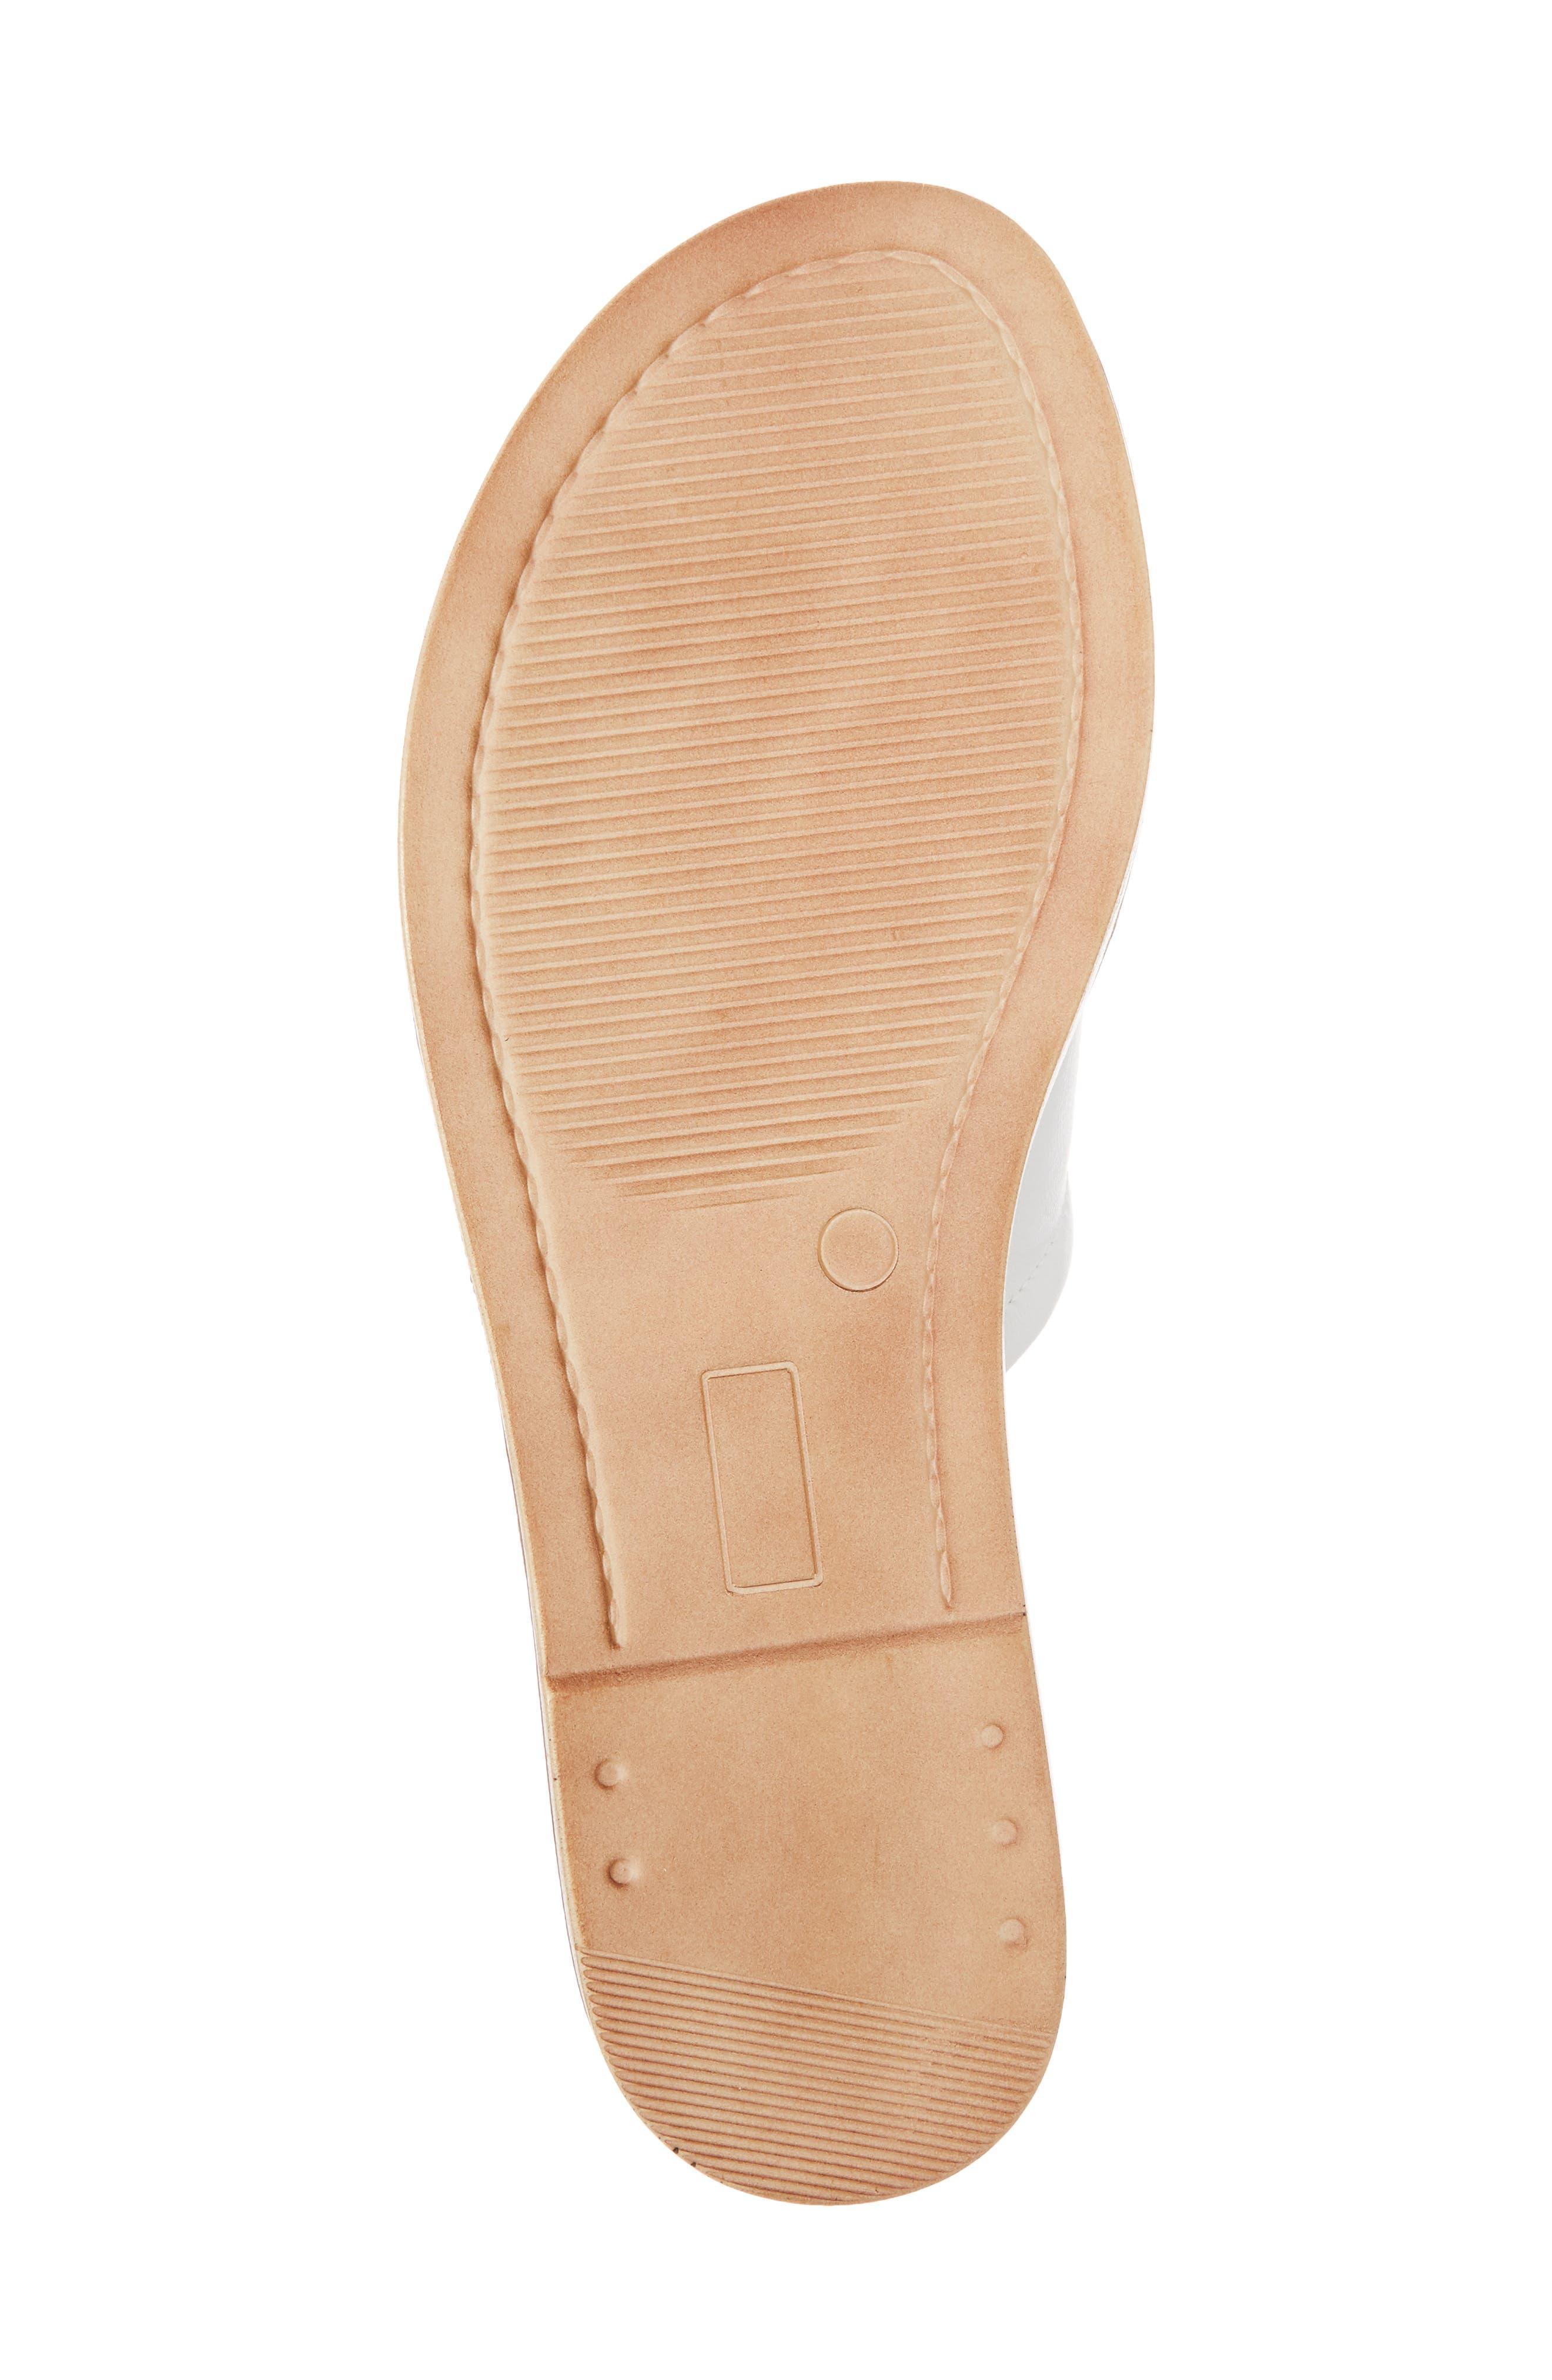 BELLA VITA, Ros Slide Sandal, Alternate thumbnail 6, color, WHITE LEATHER